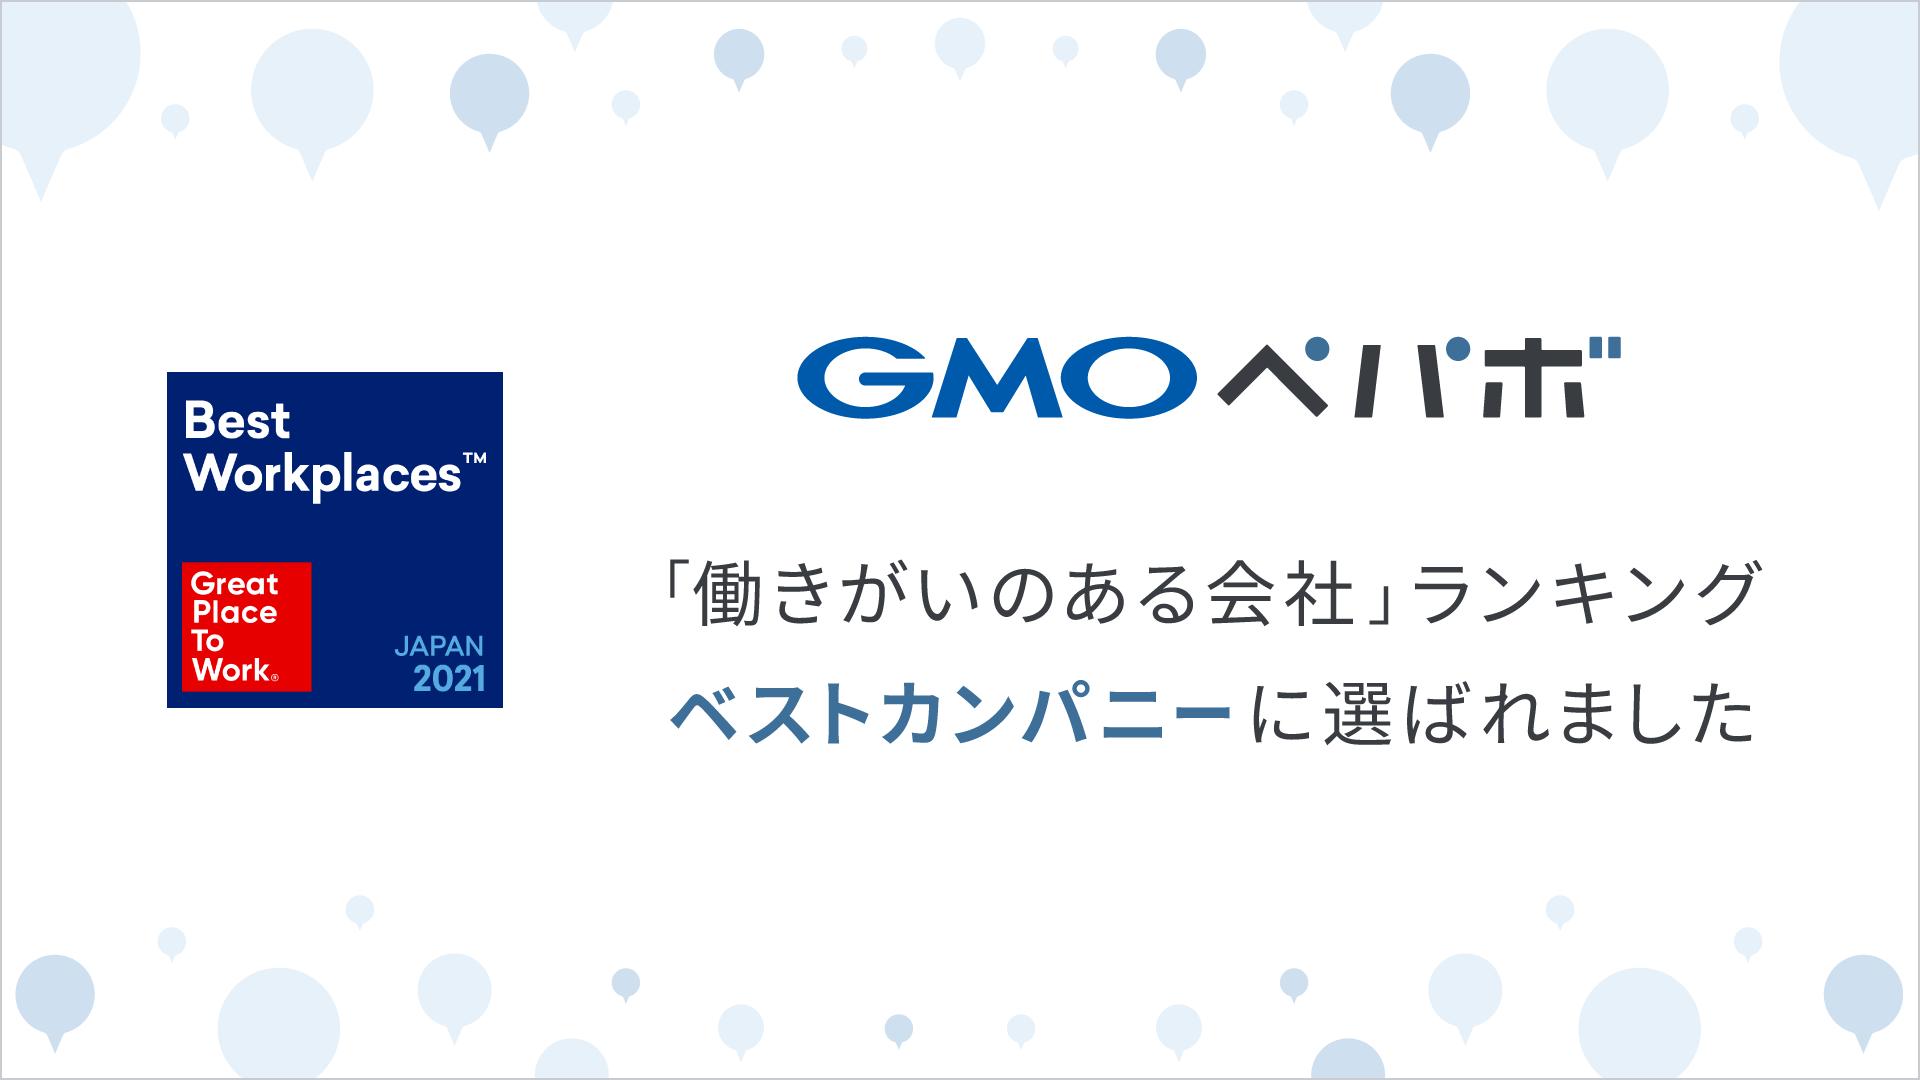 GMOペパボが「働きがいのある会社」ベストカンパニーに選ばれました